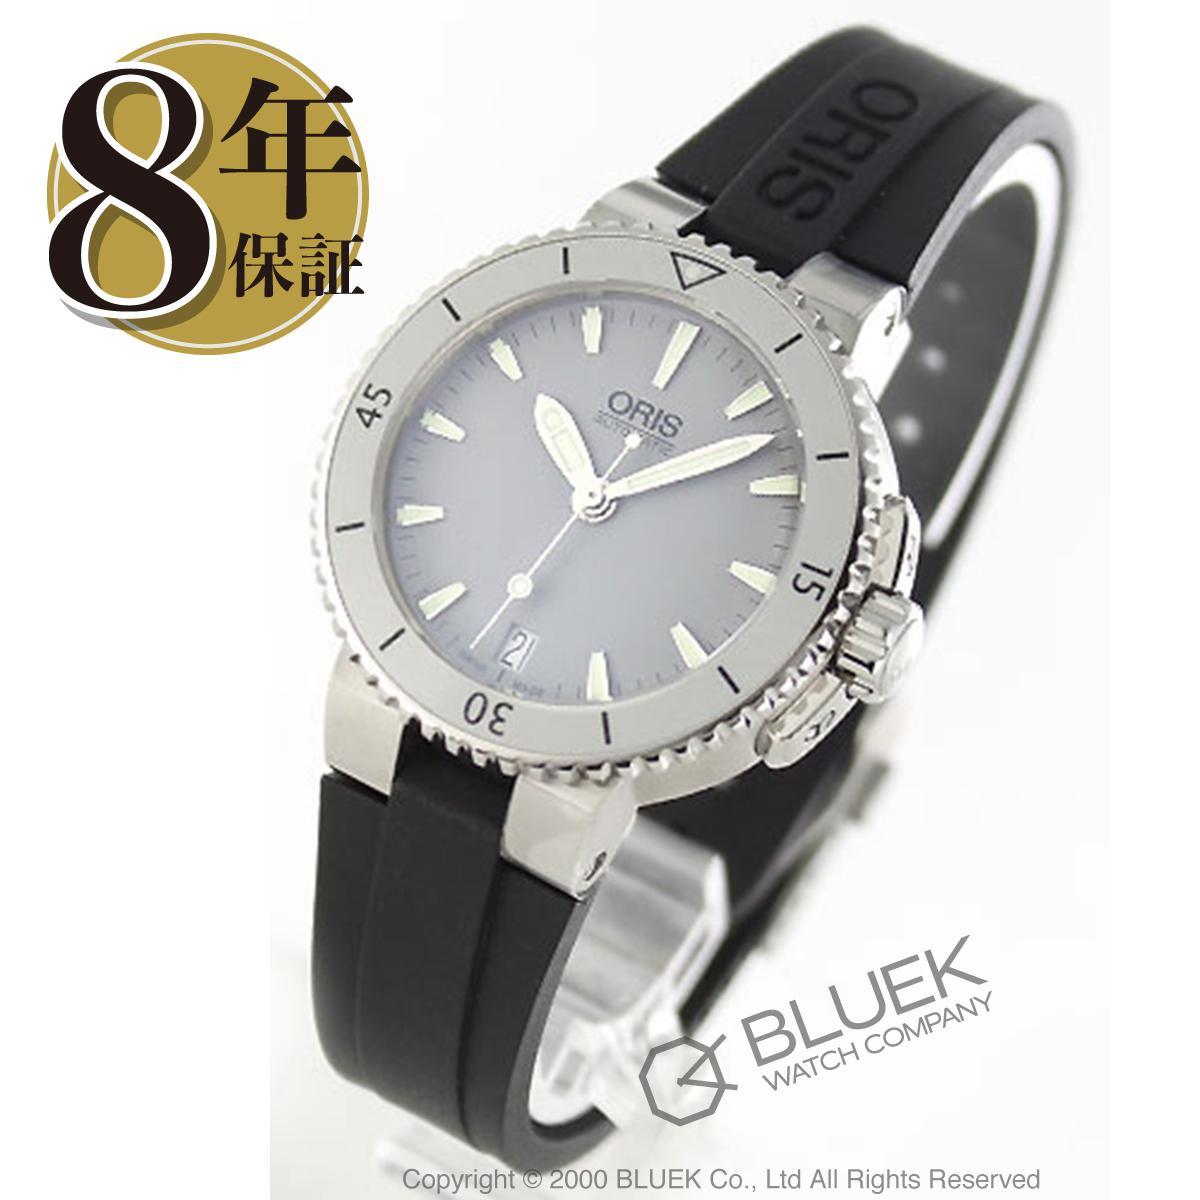 オリス ORIS 腕時計 アクイス 300m防水 レディース 733 7652 4143R_8